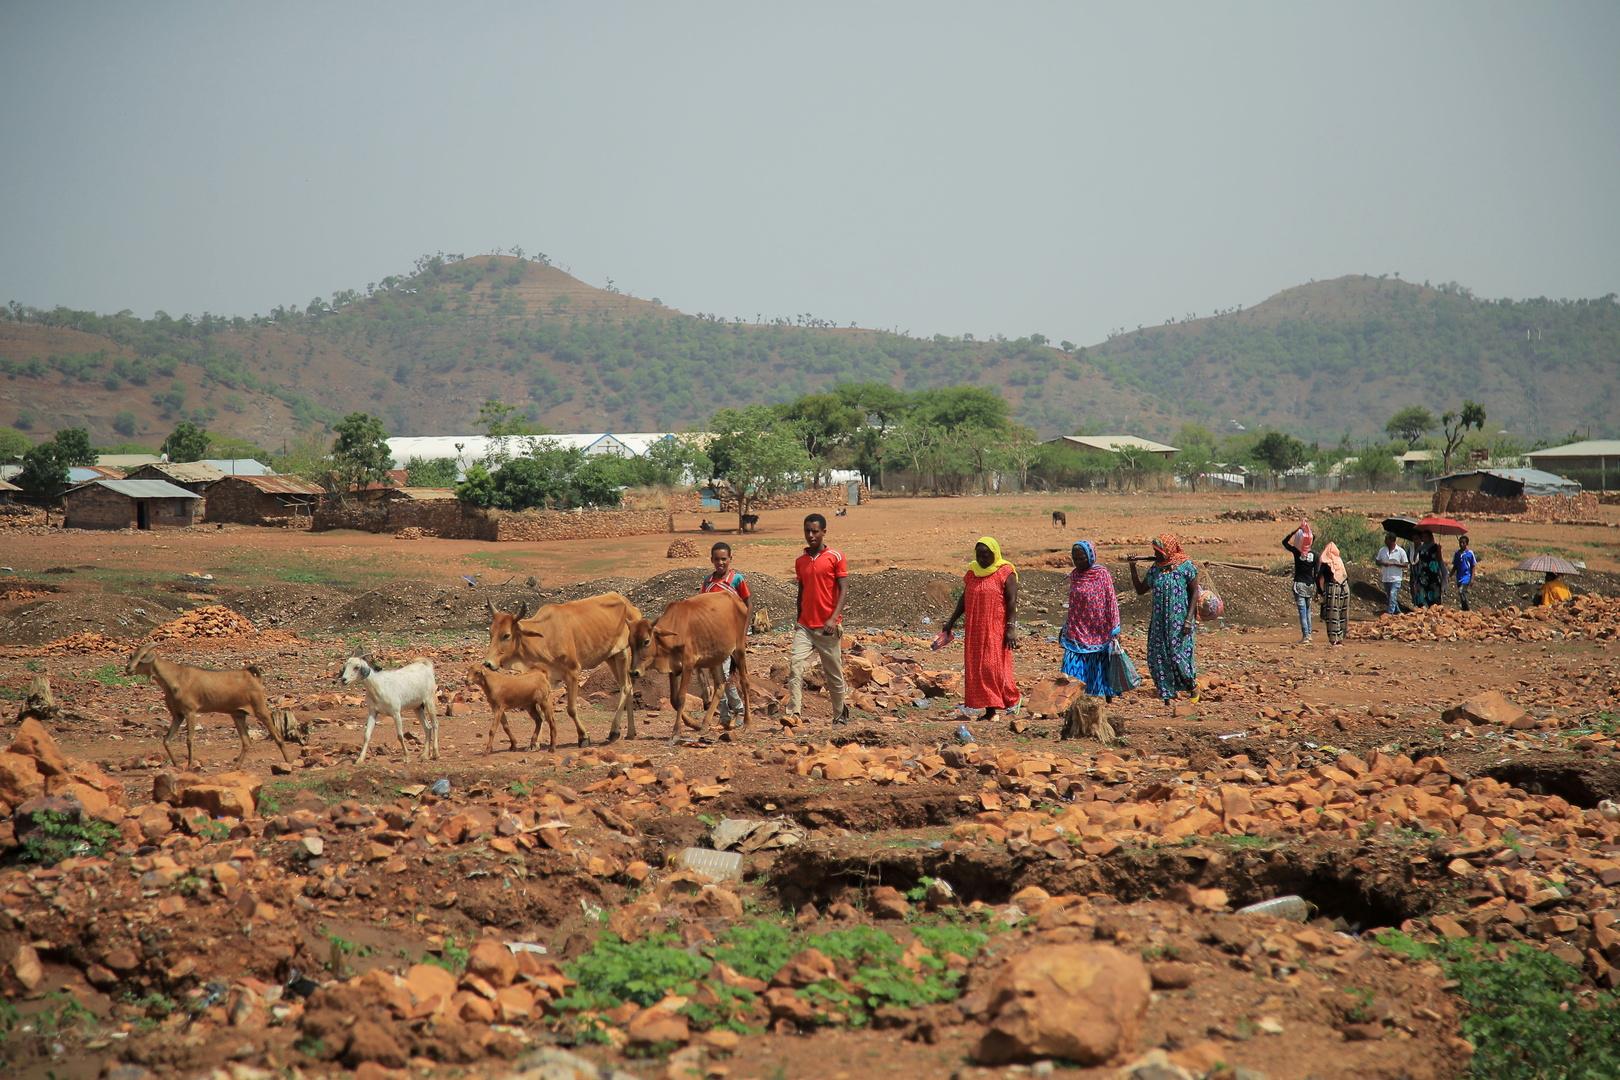 إثيوبيا: الدعوة لفتح ممر جديد لوصول المساعدات إلى تيغراي عبر السودان أمر غير مقبول